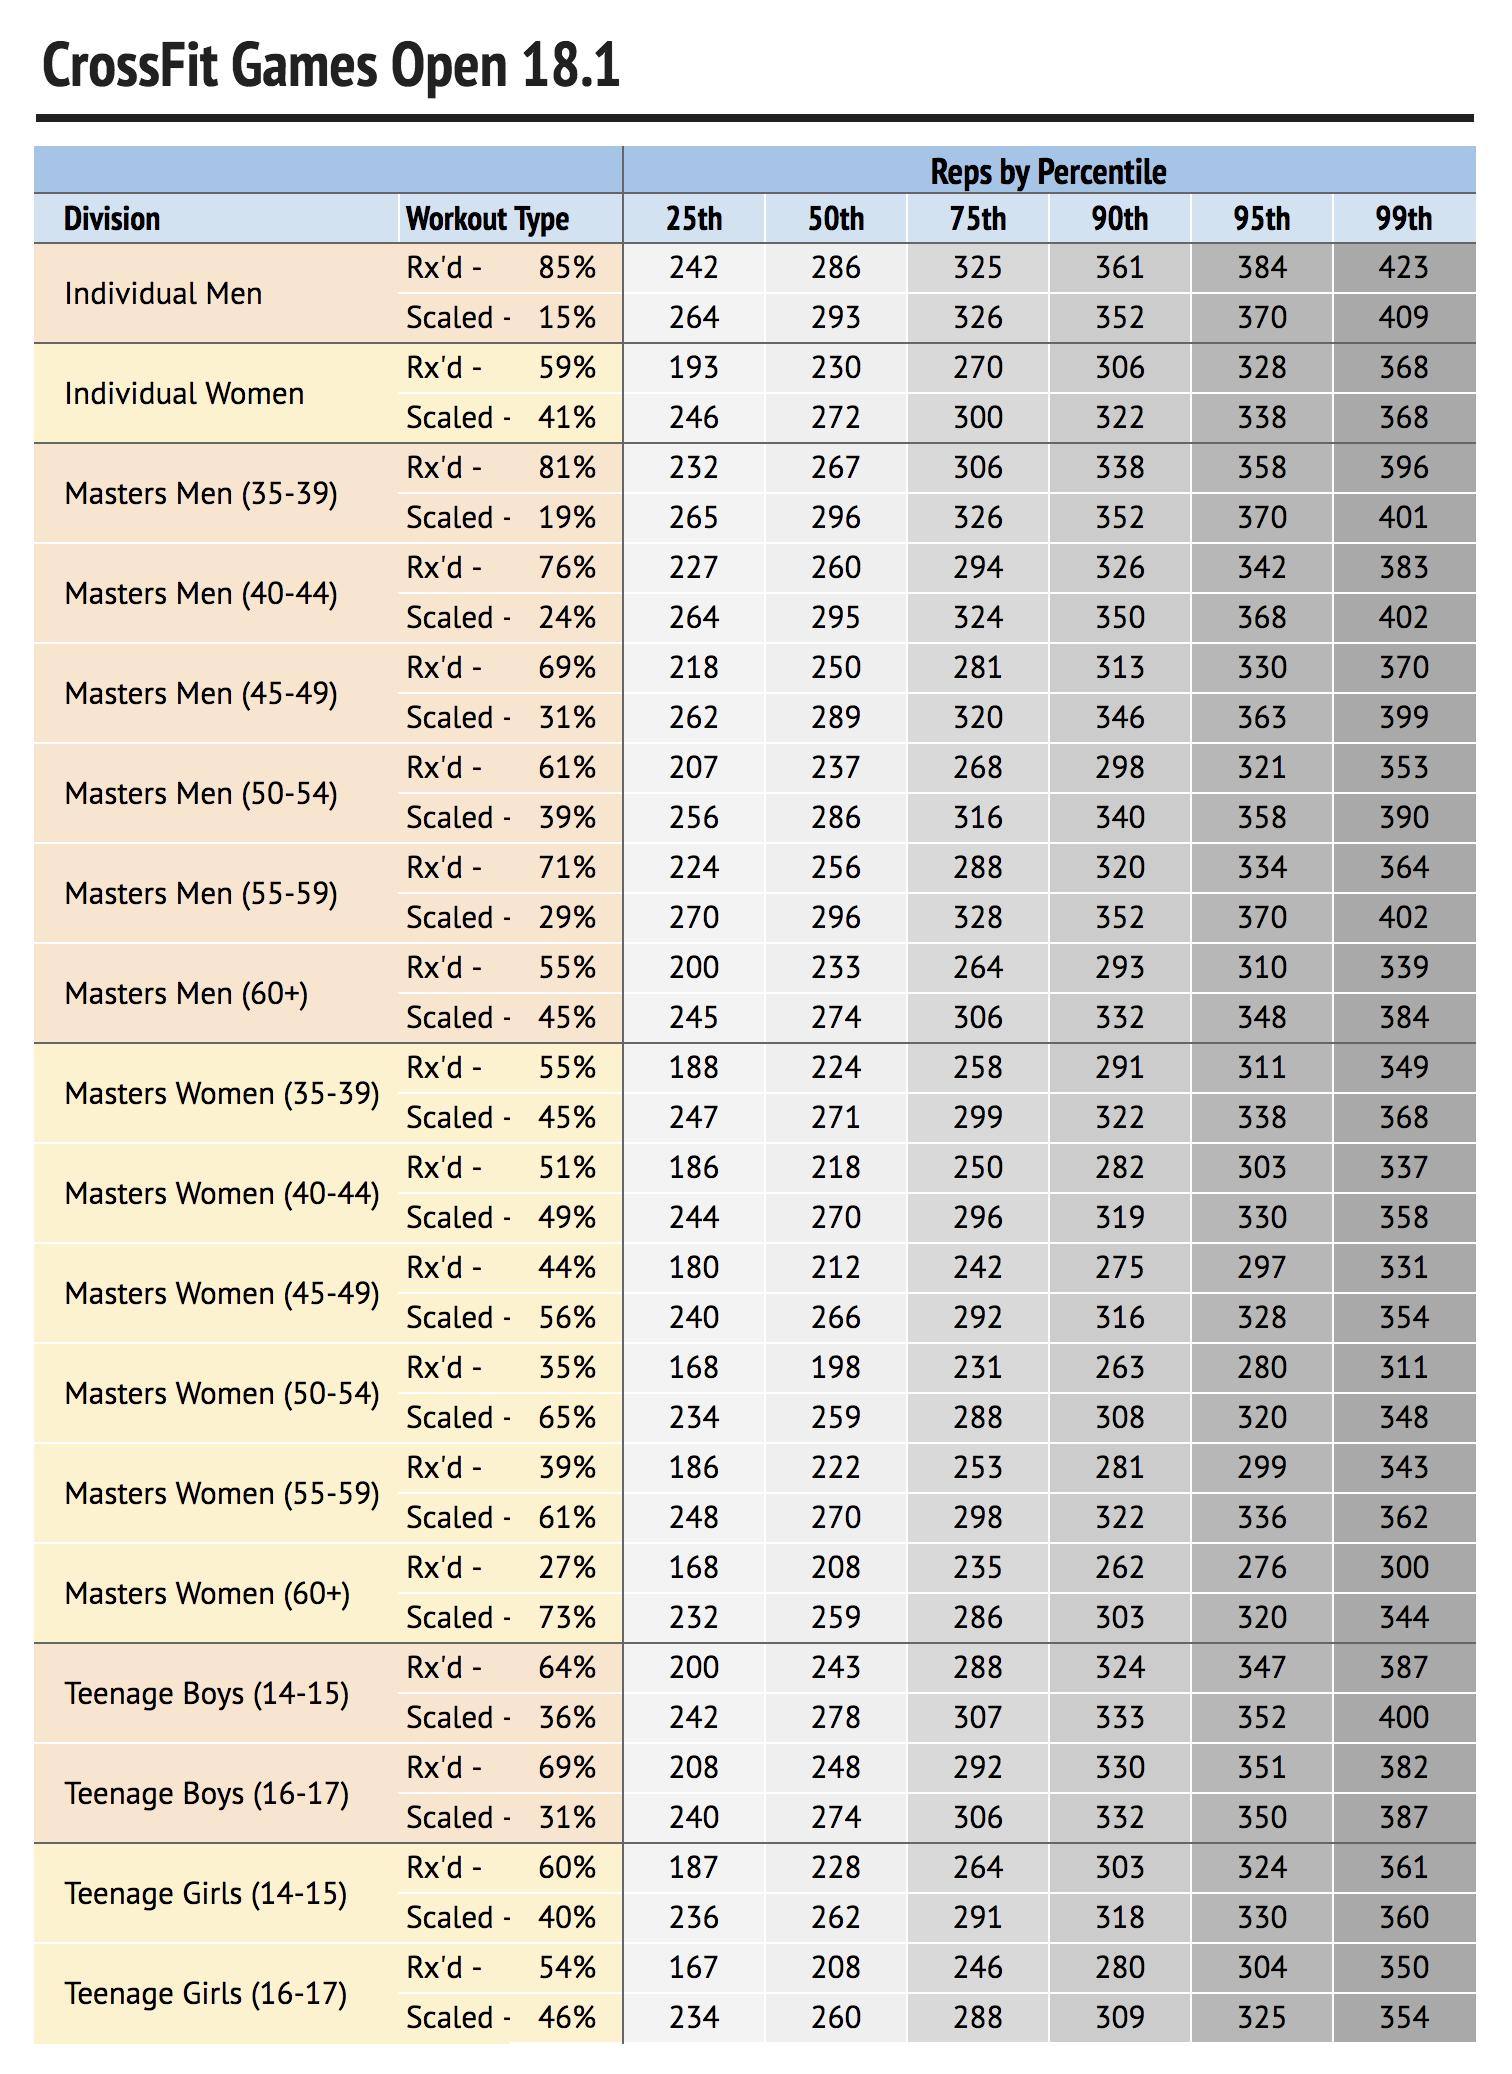 18.1 Percentiles